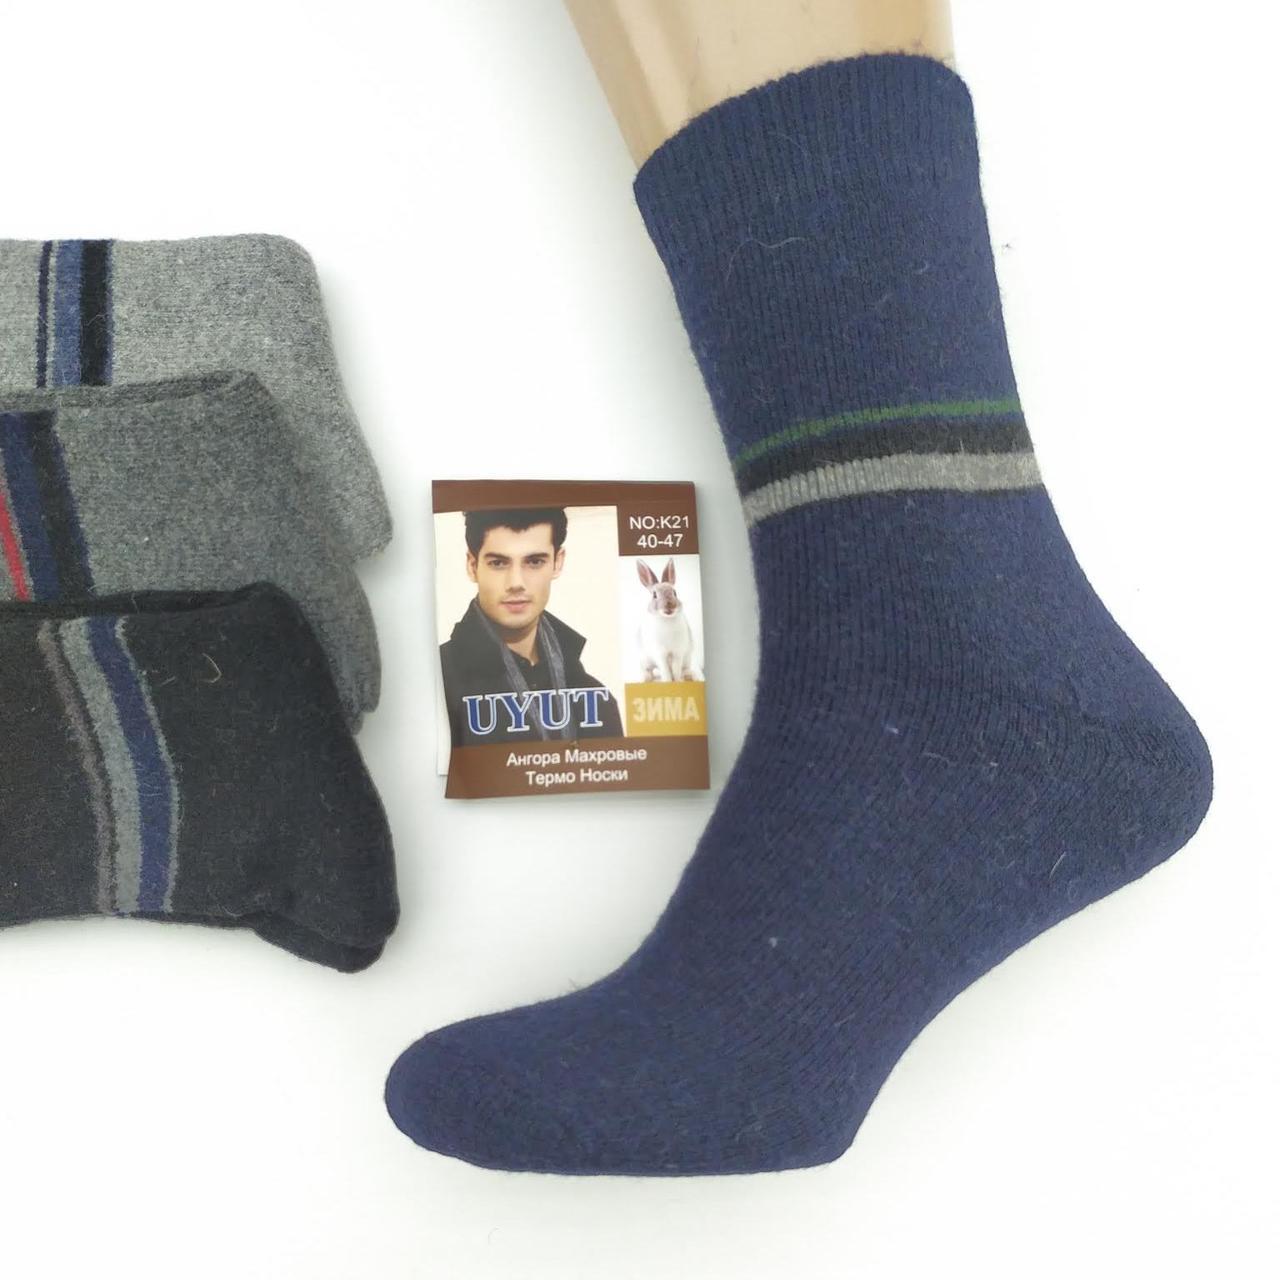 Тёплые носки ангора мужские шерстяные с махрой высокие UYUT К21 40-47р. ассорти 20037451